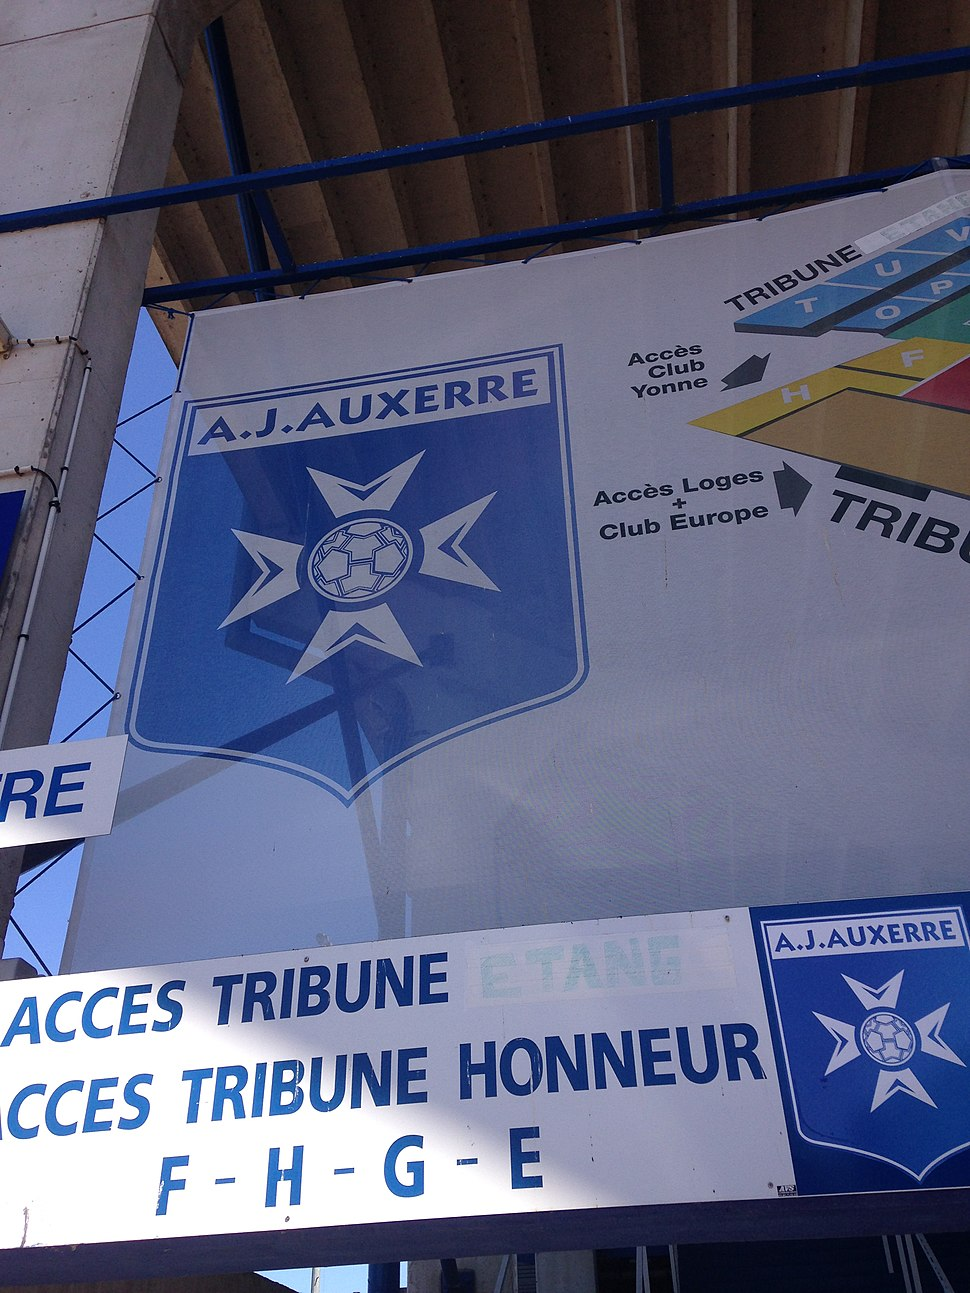 Stade Abbé Deschamps